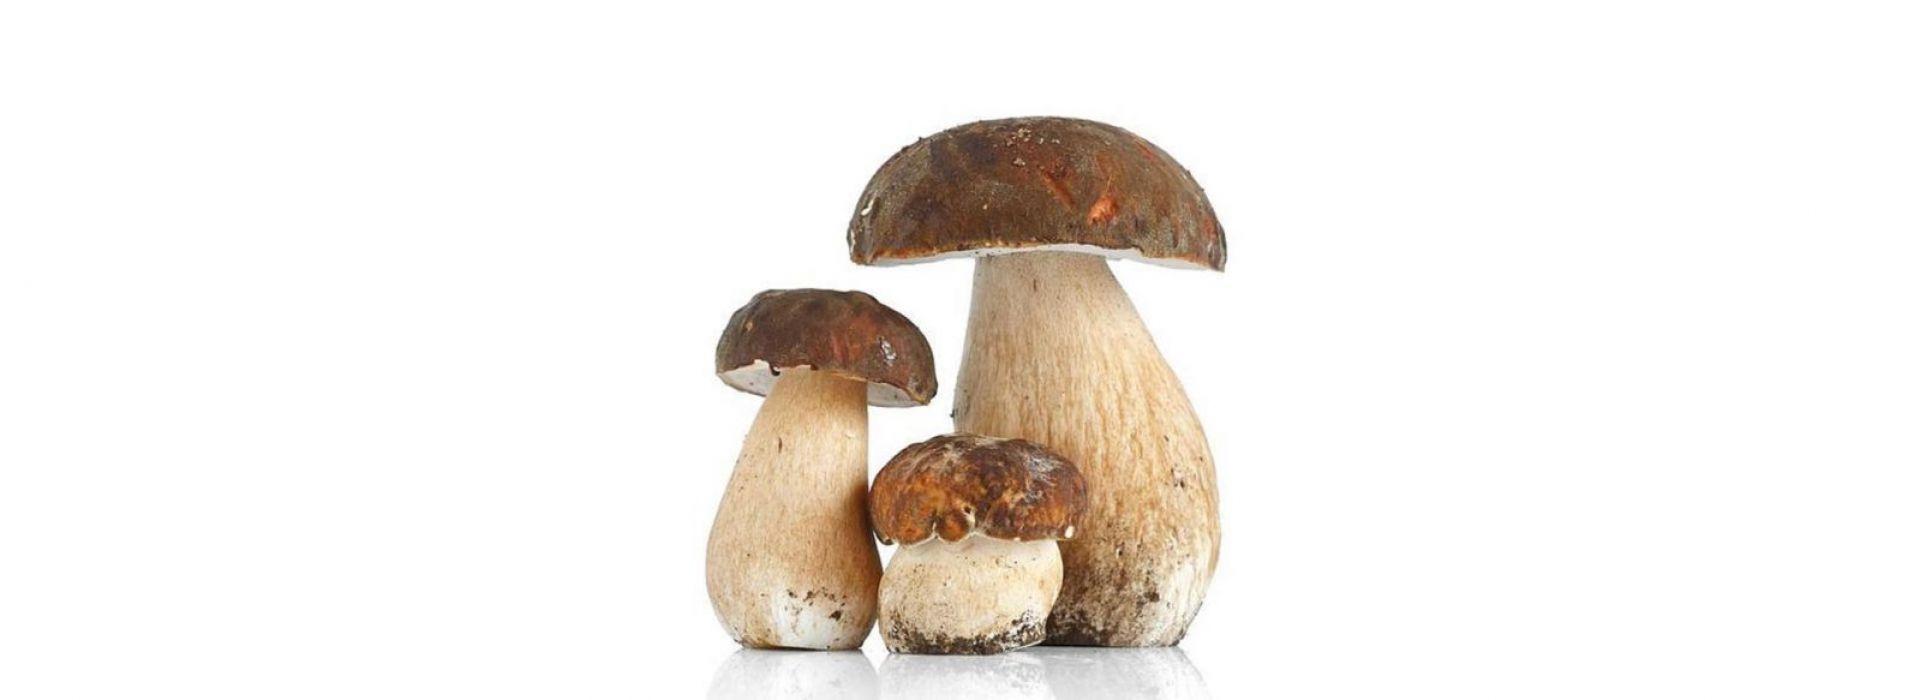 Mushroom Ceps